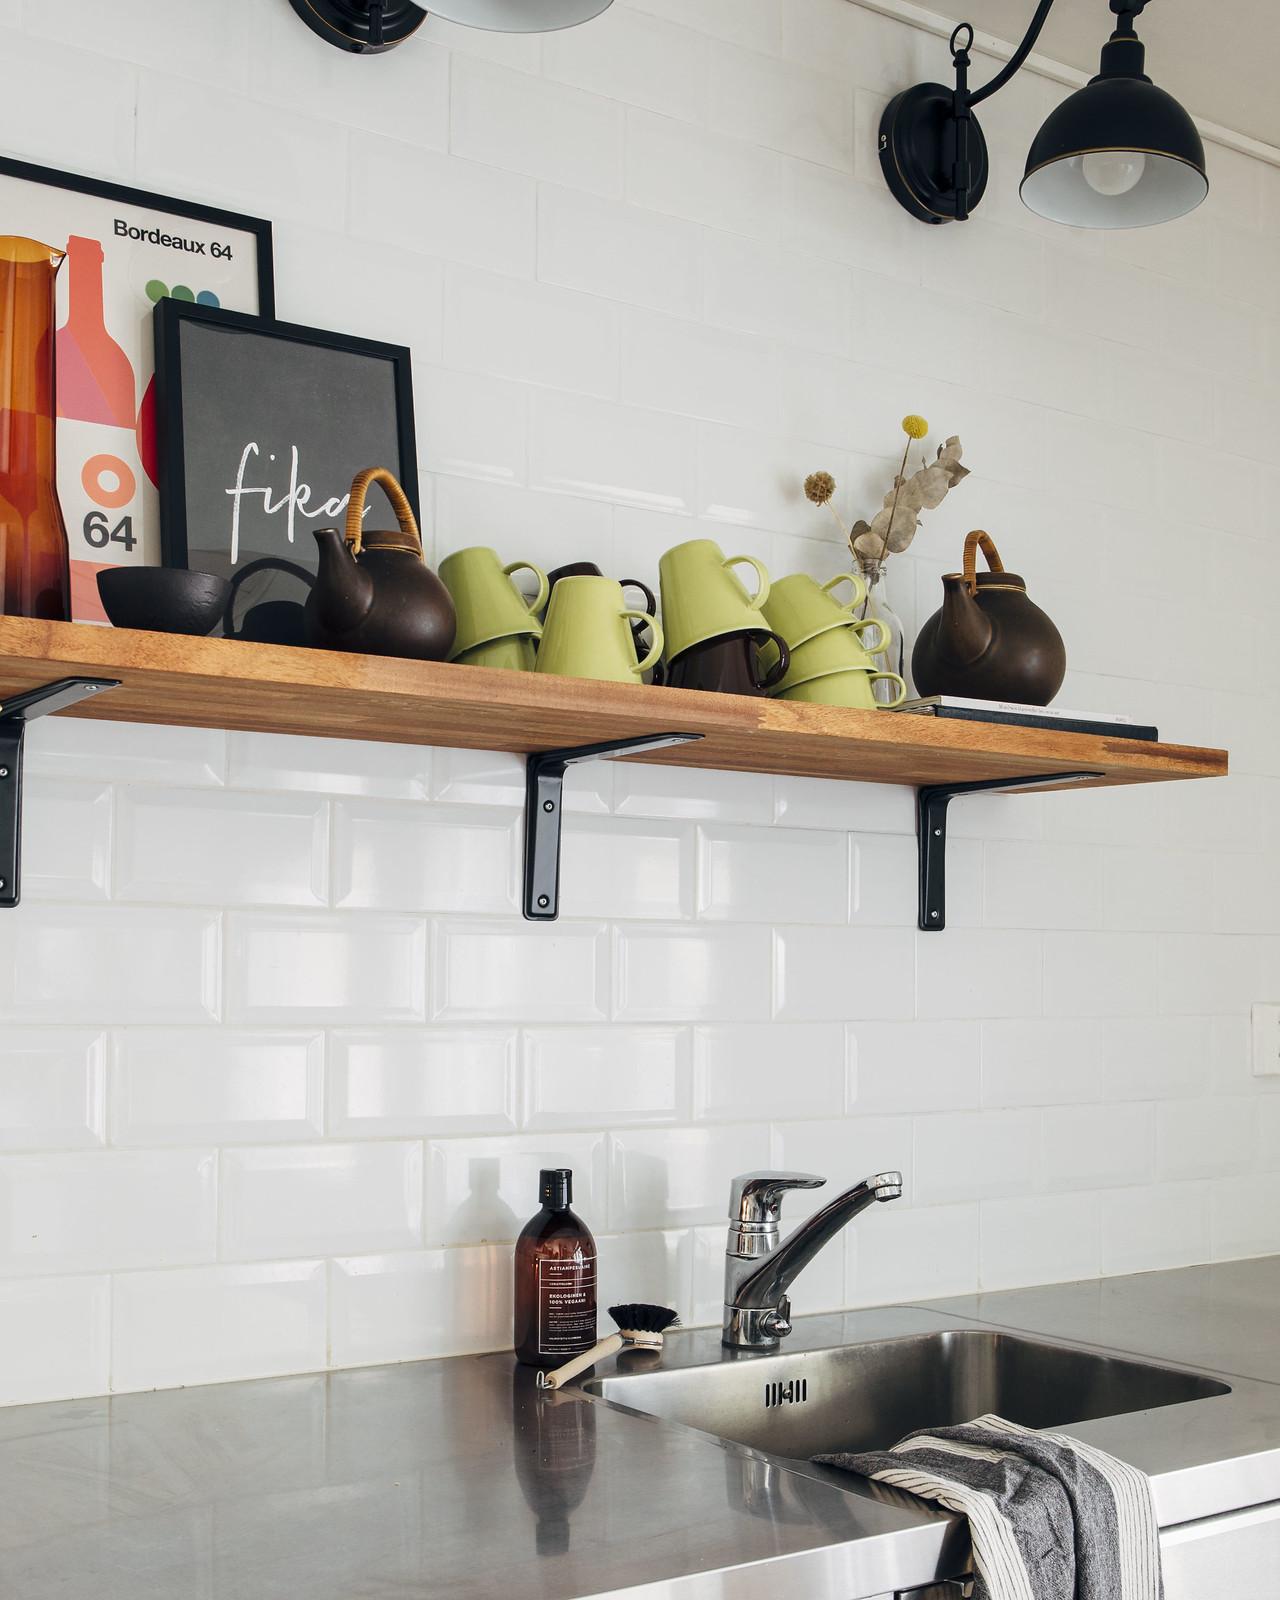 Puinen avohylly keittiössä. Hyllyn päällä on kahvimukeja, tauluja ja vintagekeramiikkaa